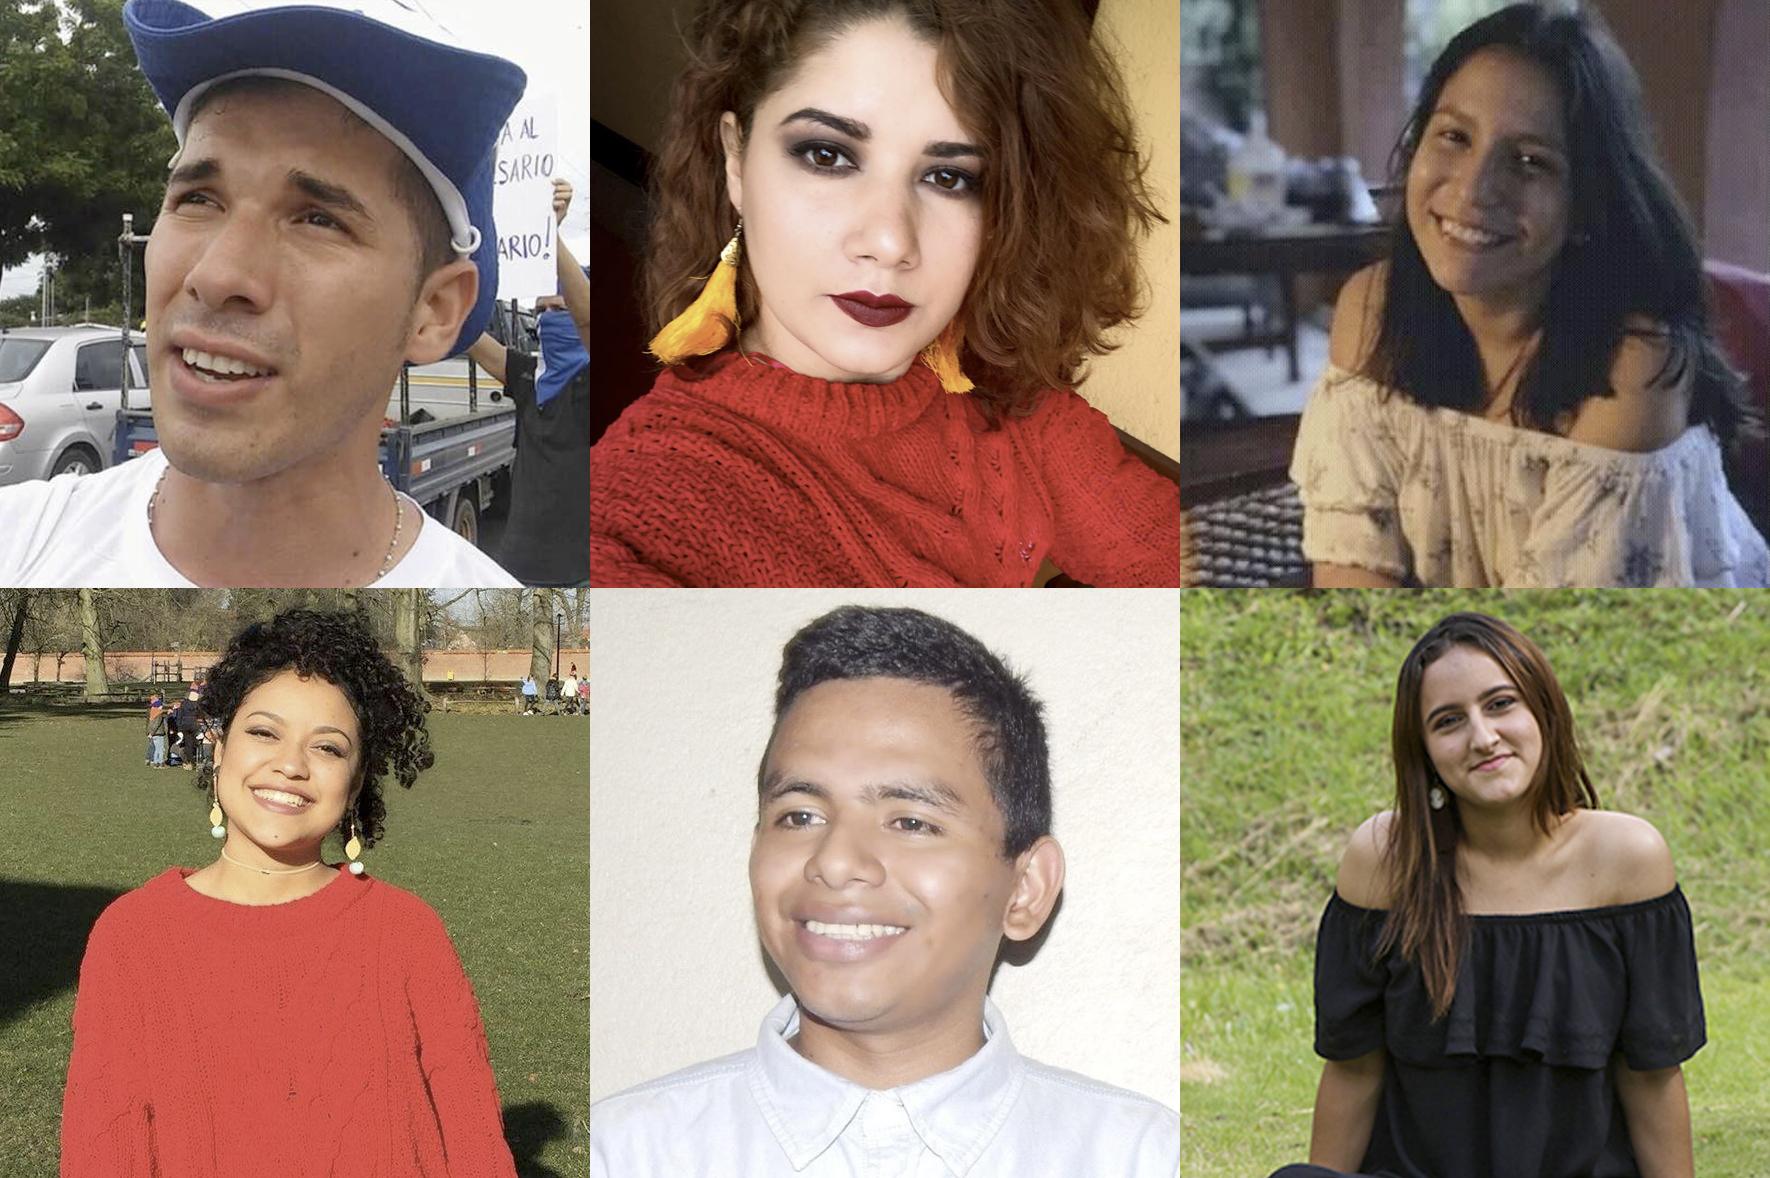 Edwin Carcache, Iskra Malespin, Gresia Rivera, Alejandro Centeno, Judith Mairena y Ariana Moraga, todos miembros de la Coalición Universitaria, fueron secuestrados. Foto: Cortesía